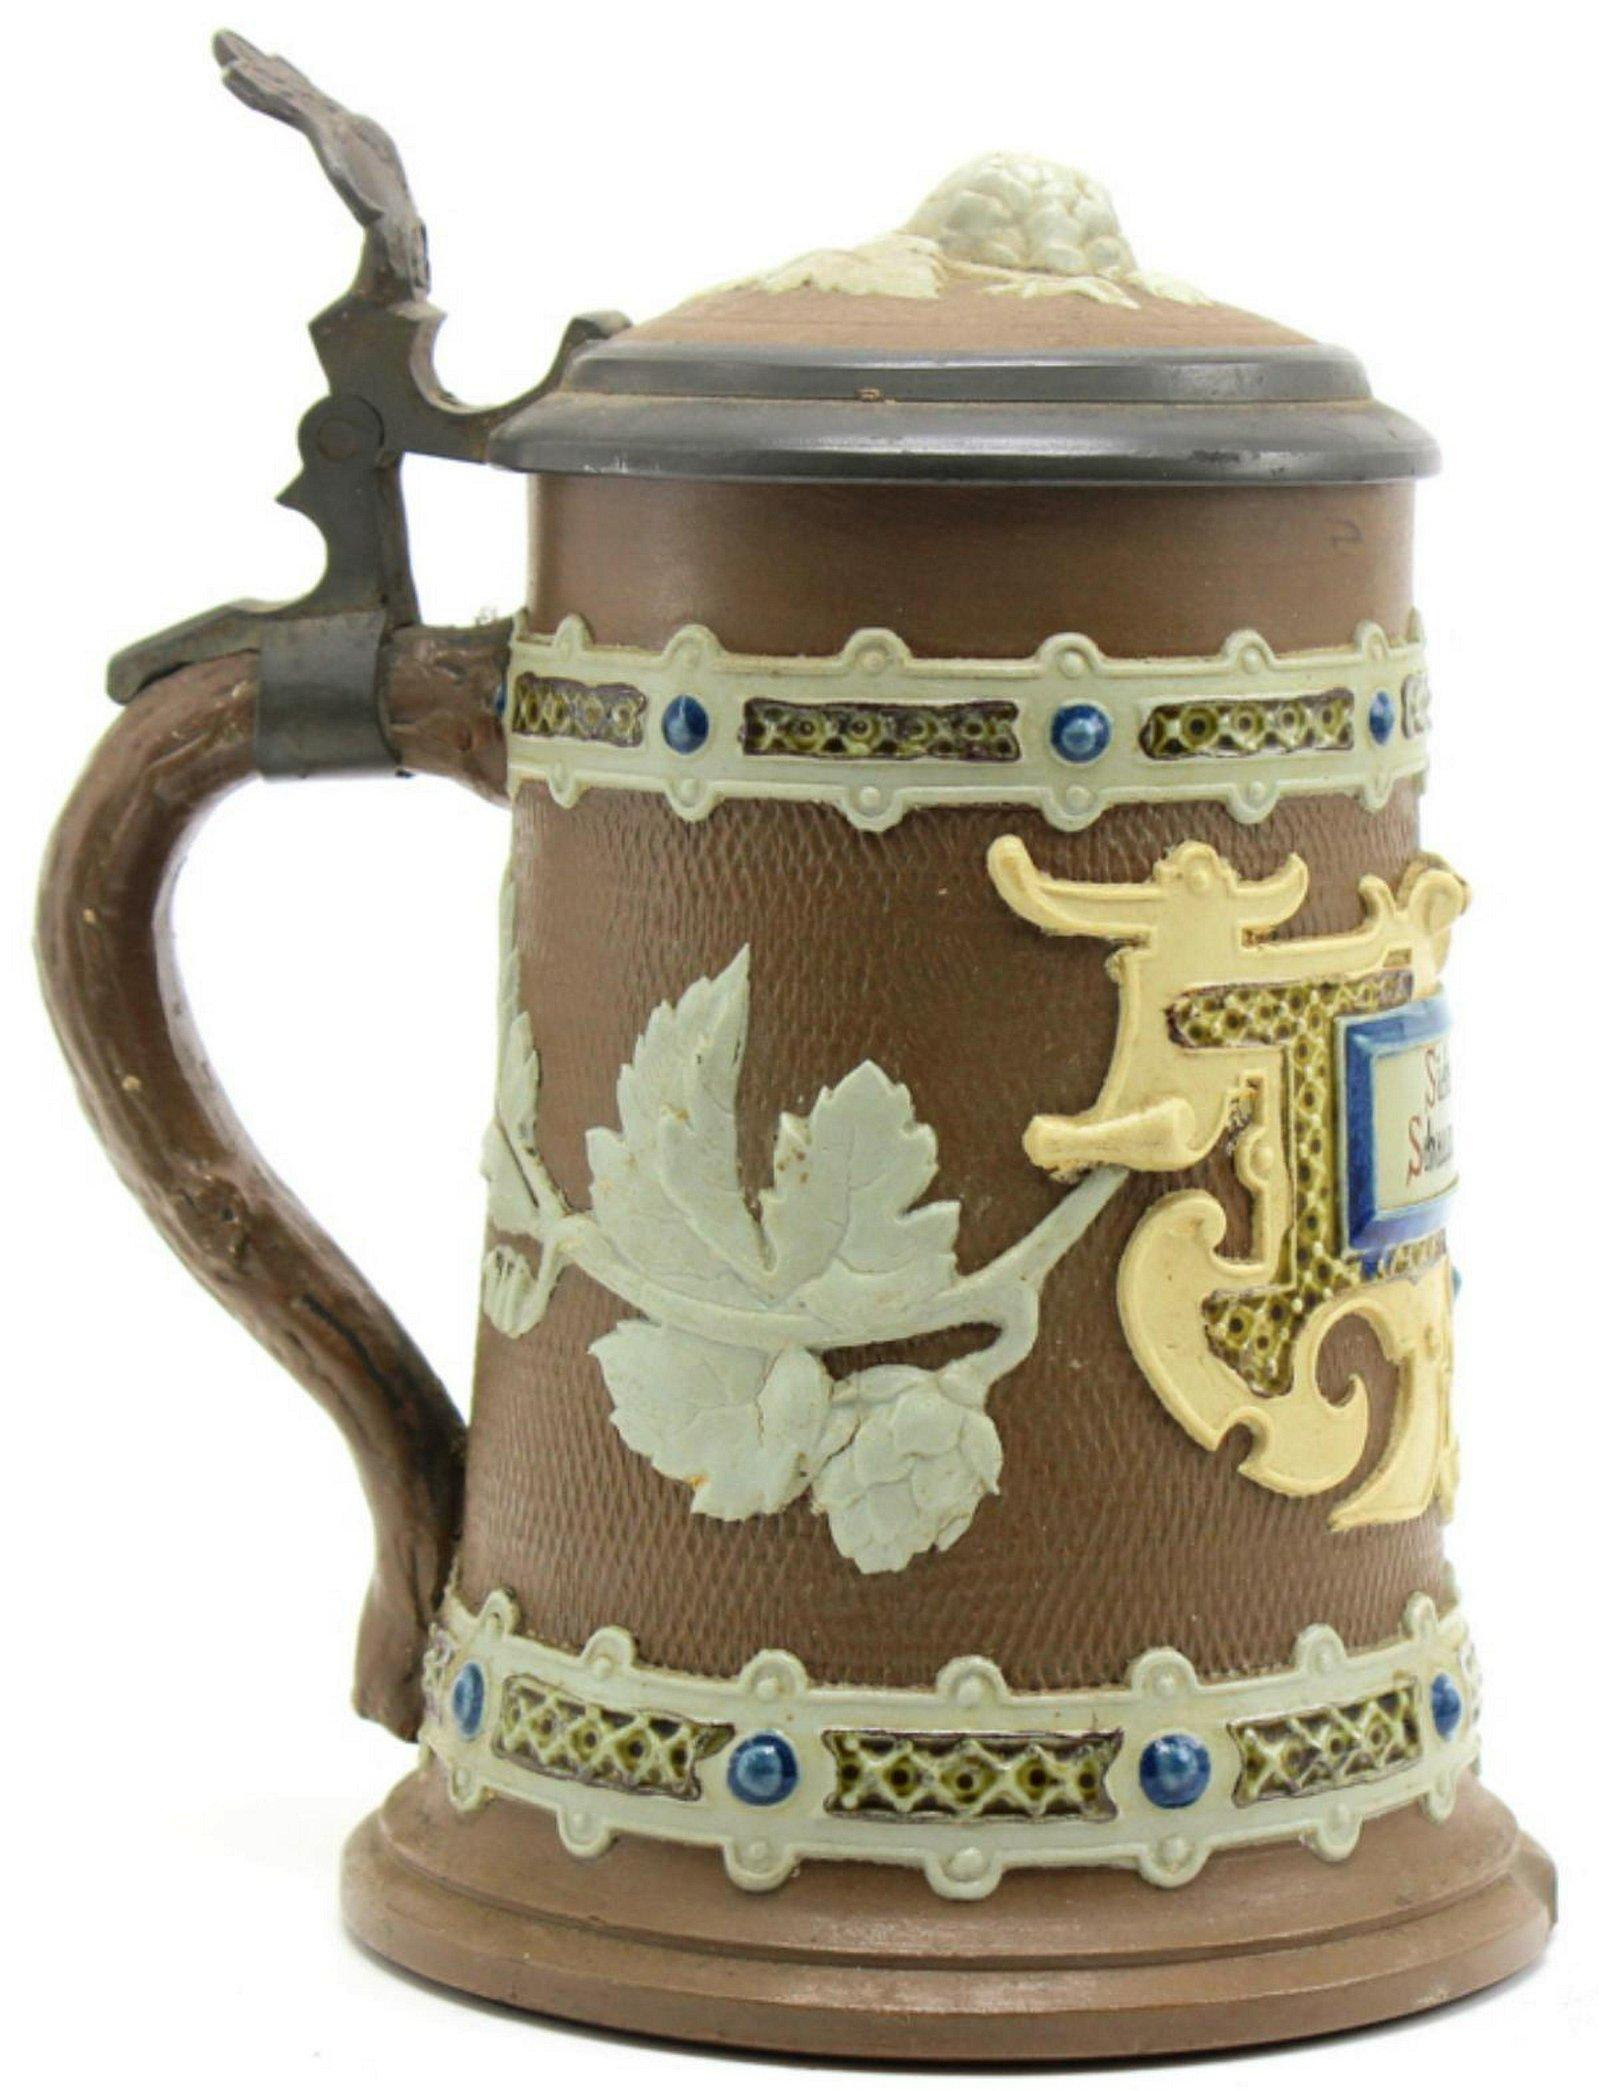 Mettlach Germany 1745 Ges Gesch Beer Stein